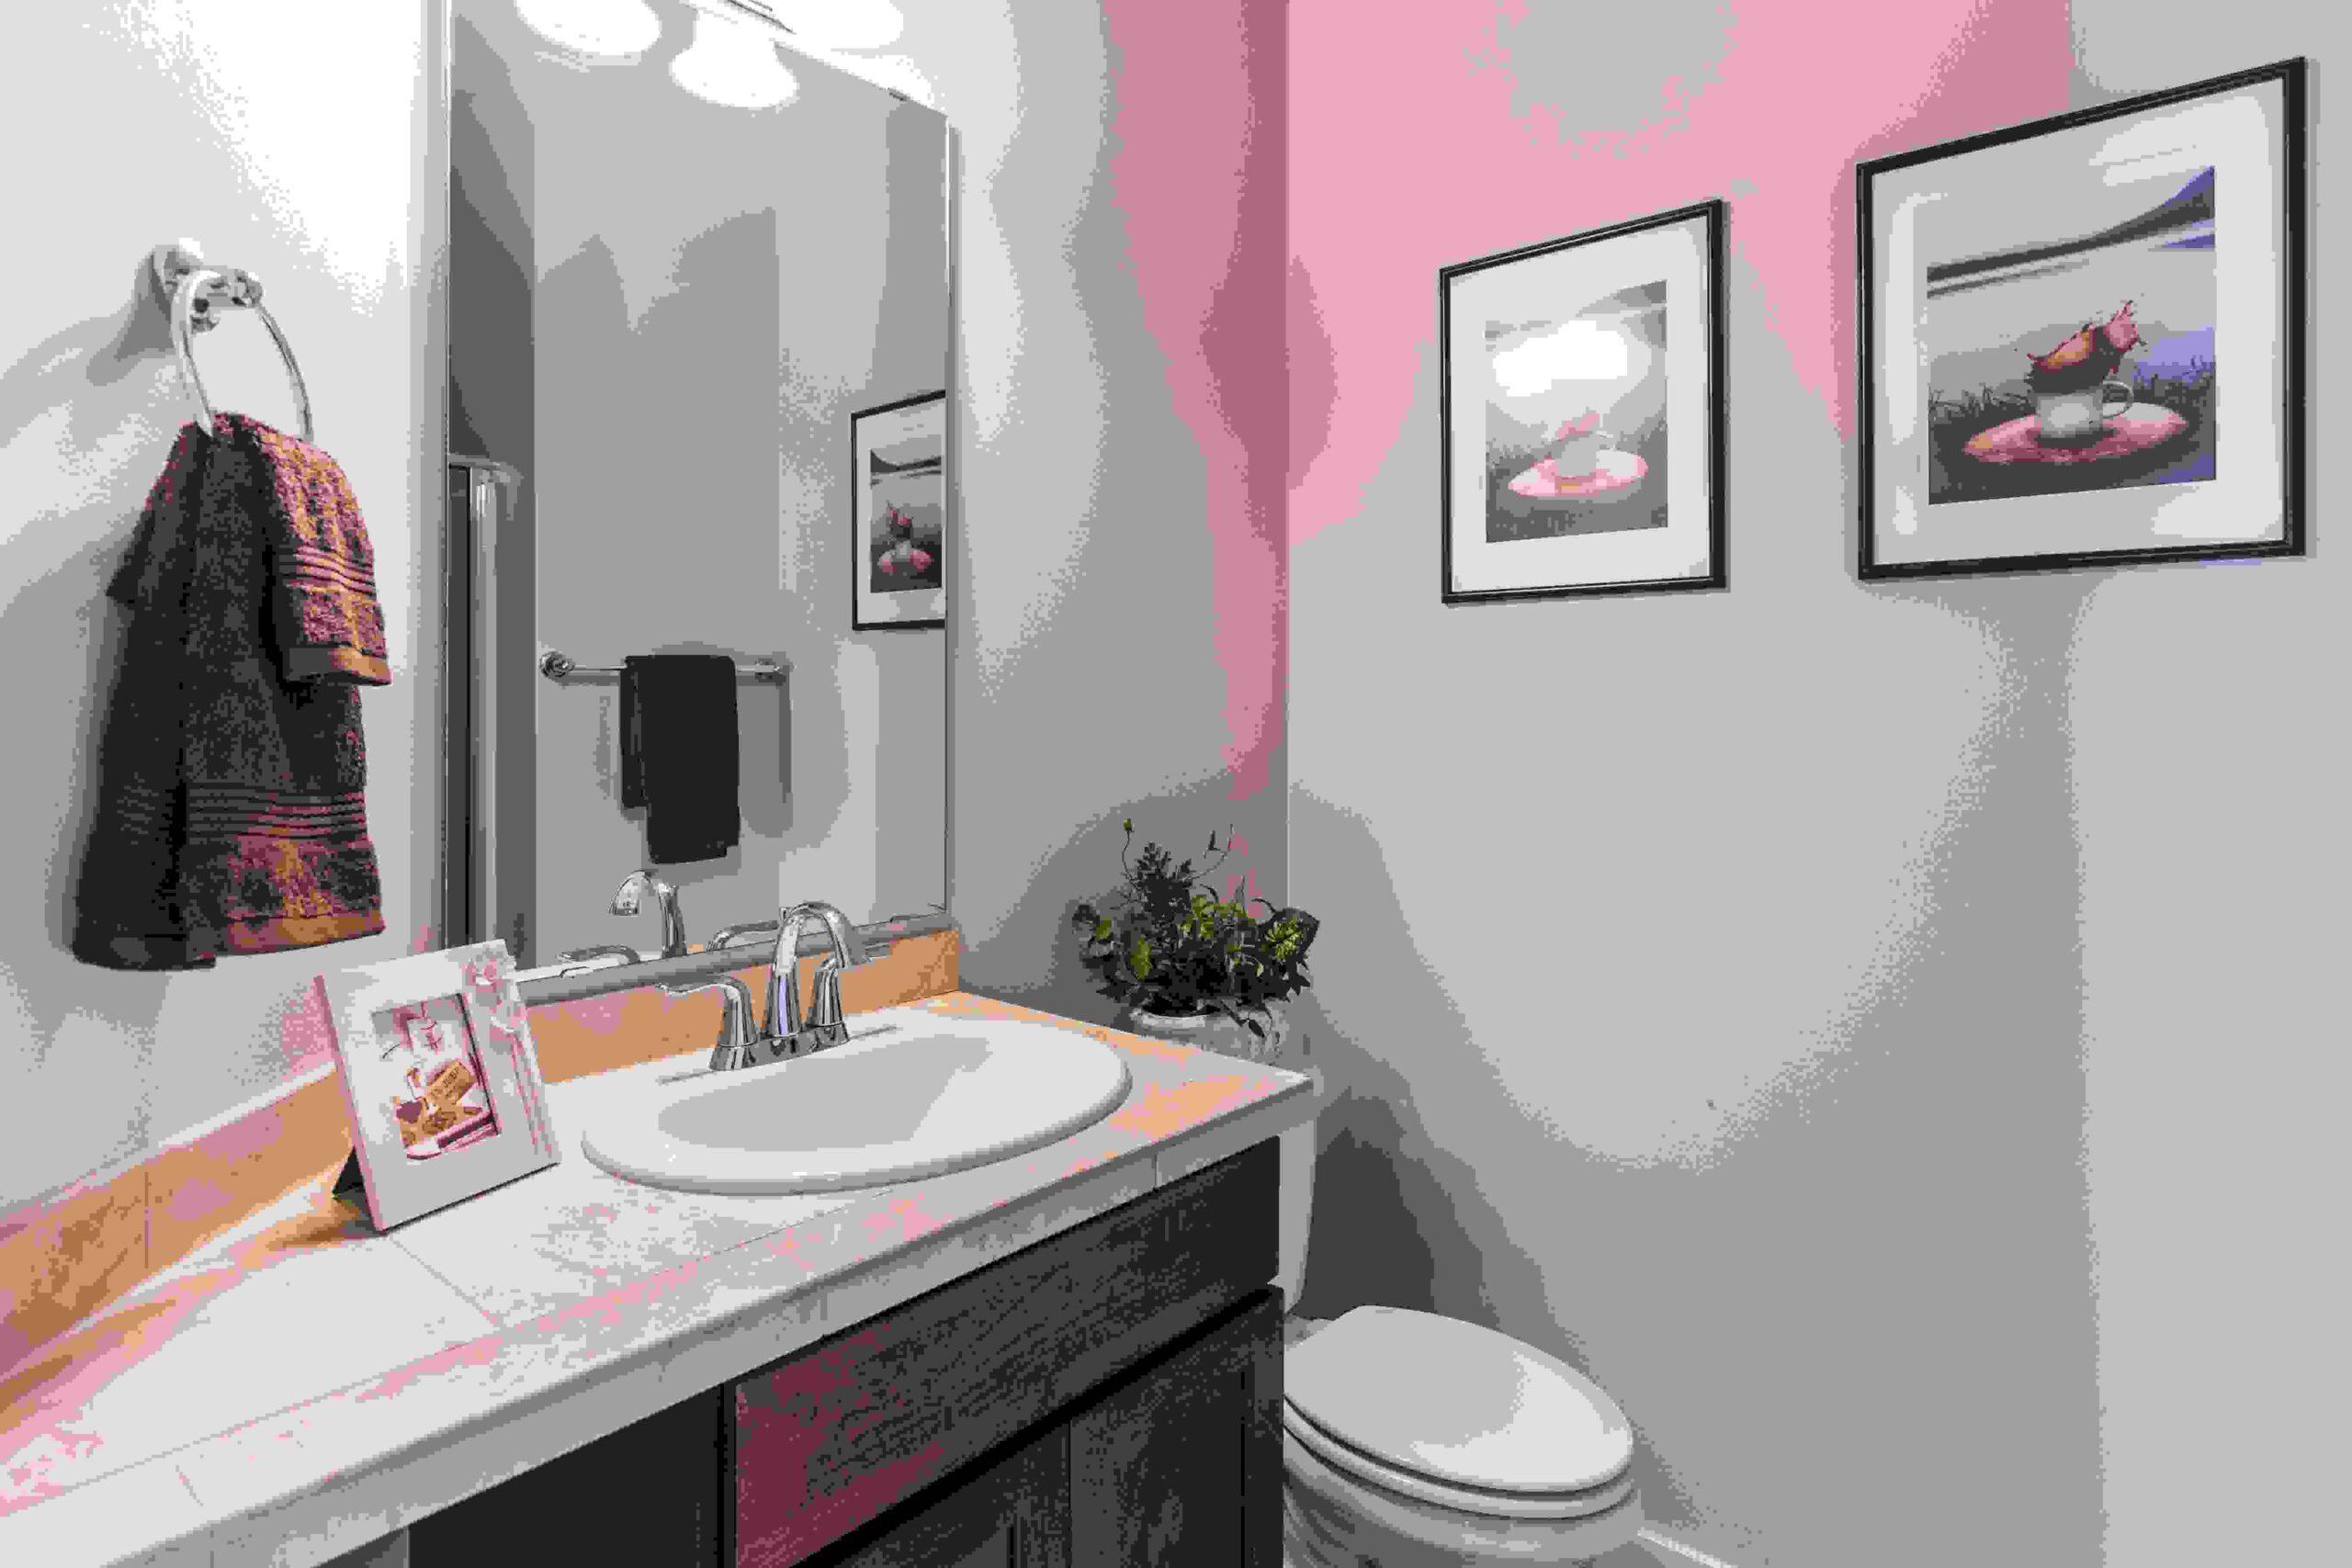 faulty bathroom mixer tap repairs